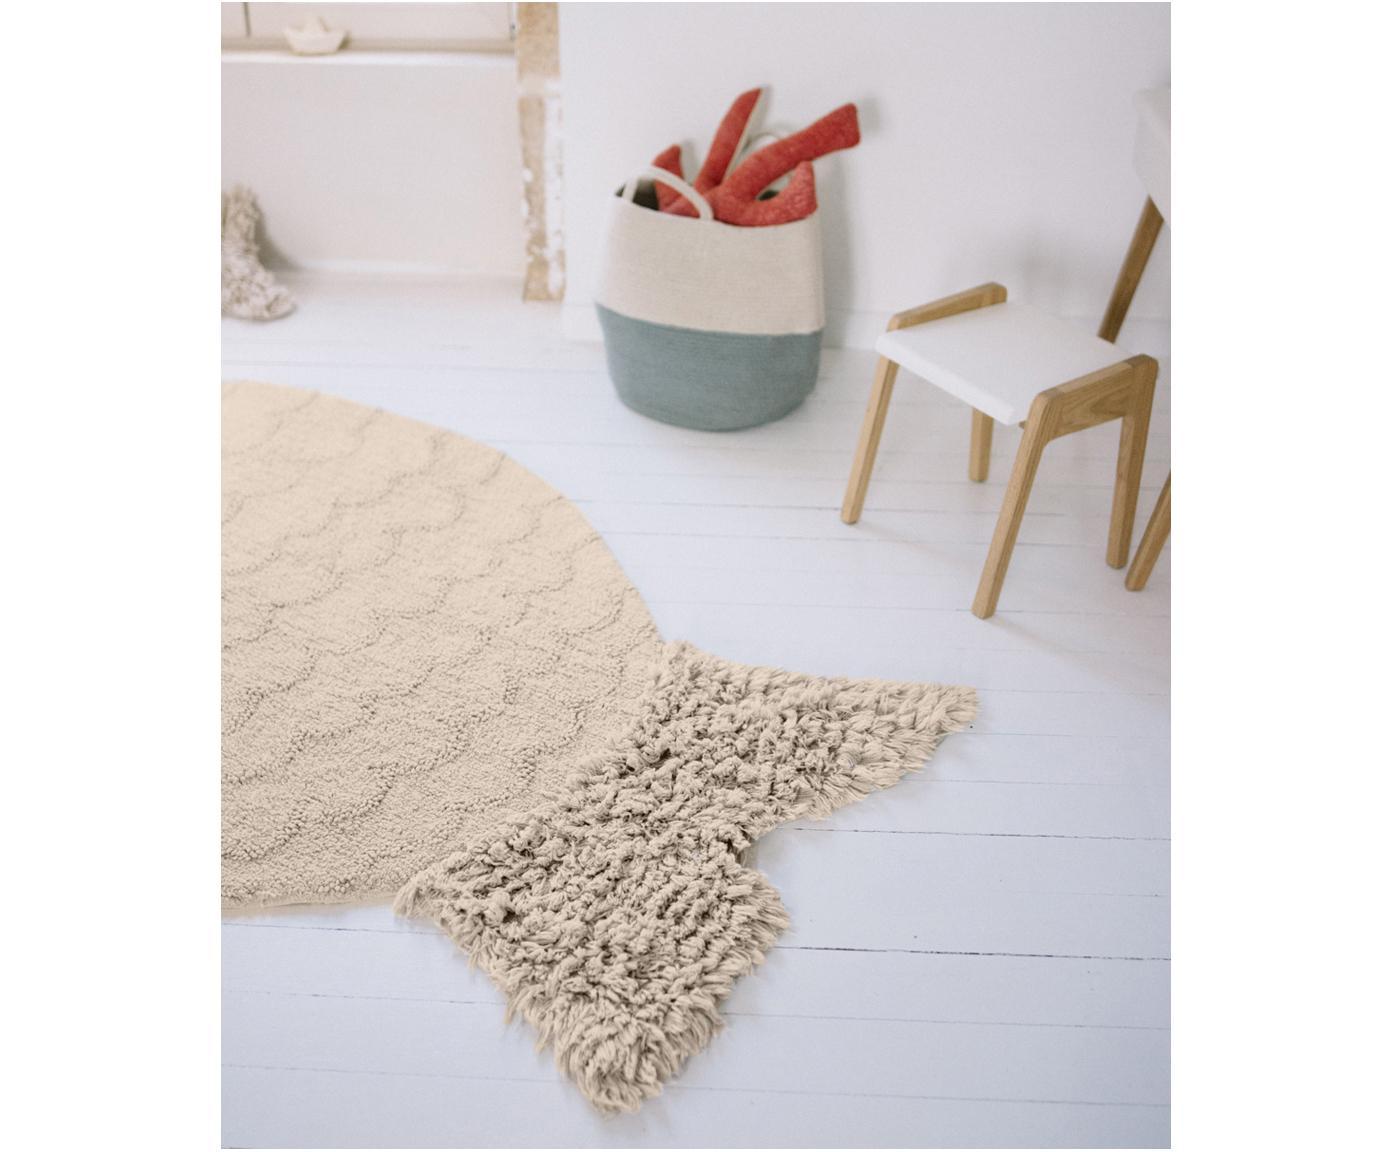 Waschbarer Teppich Big Fish, Flor: 97% Baumwolle, 3% recycel, Beige, 110 x 180 cm